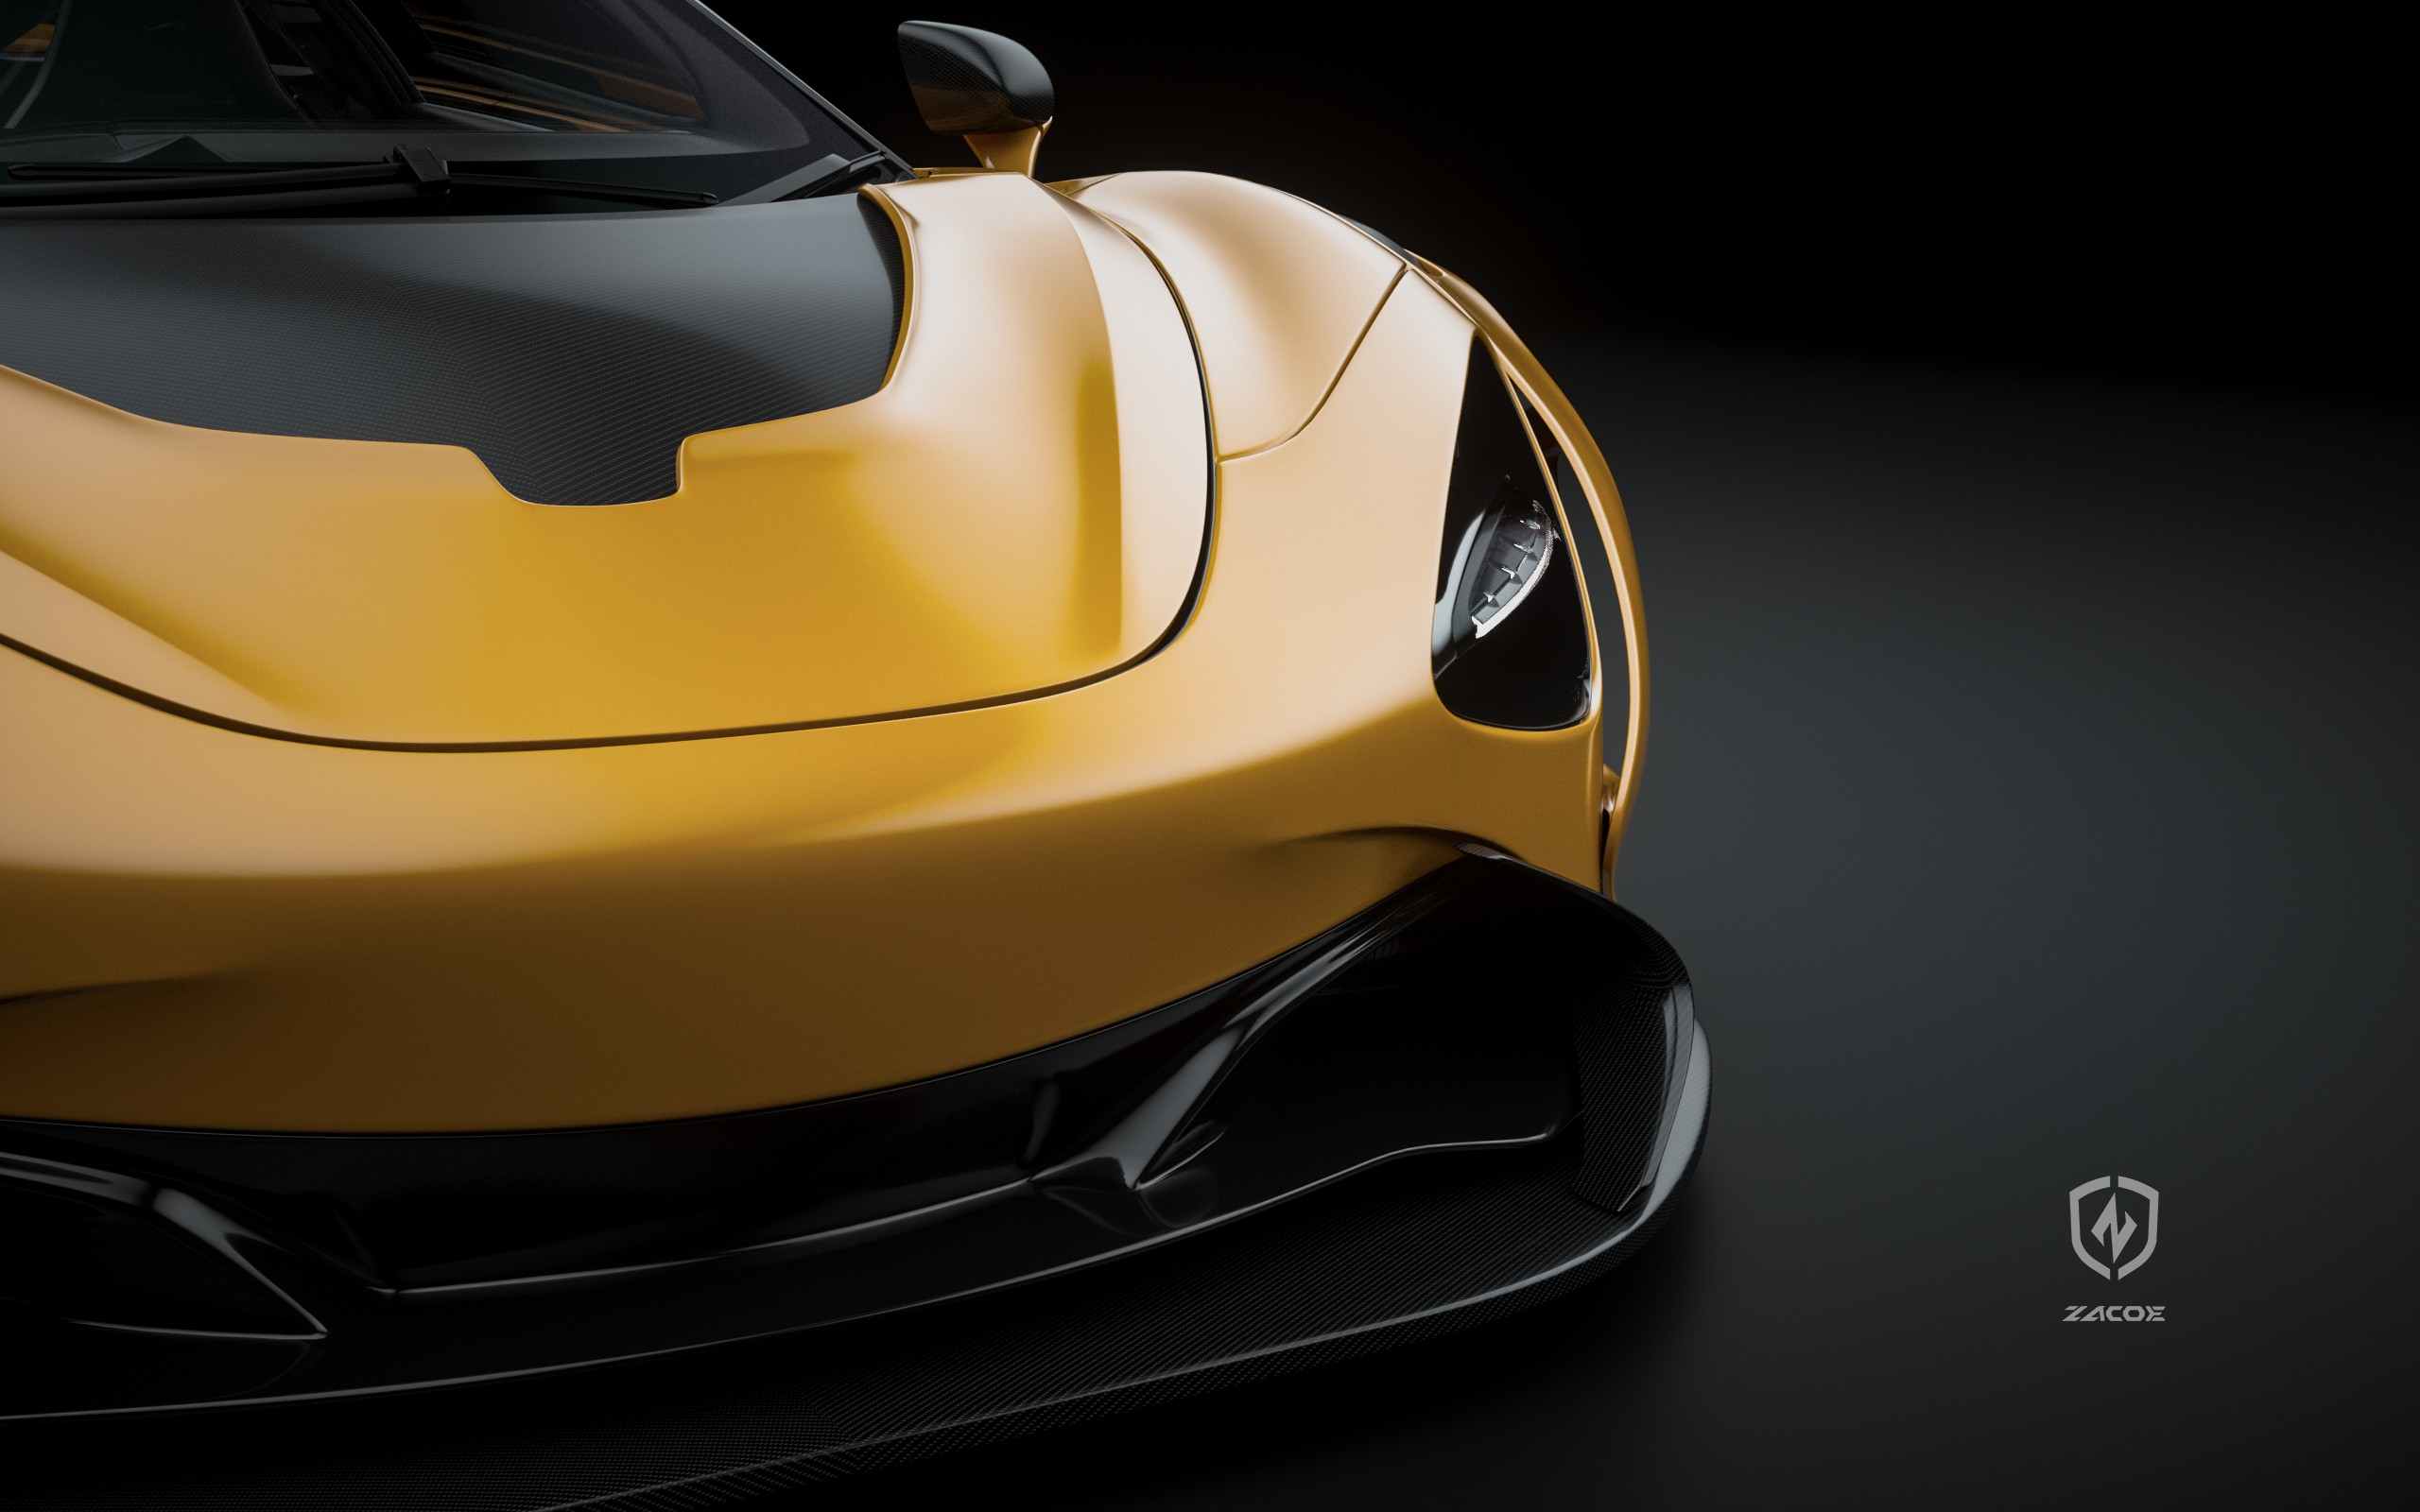 McLaren-720S-by-Zacoe-11